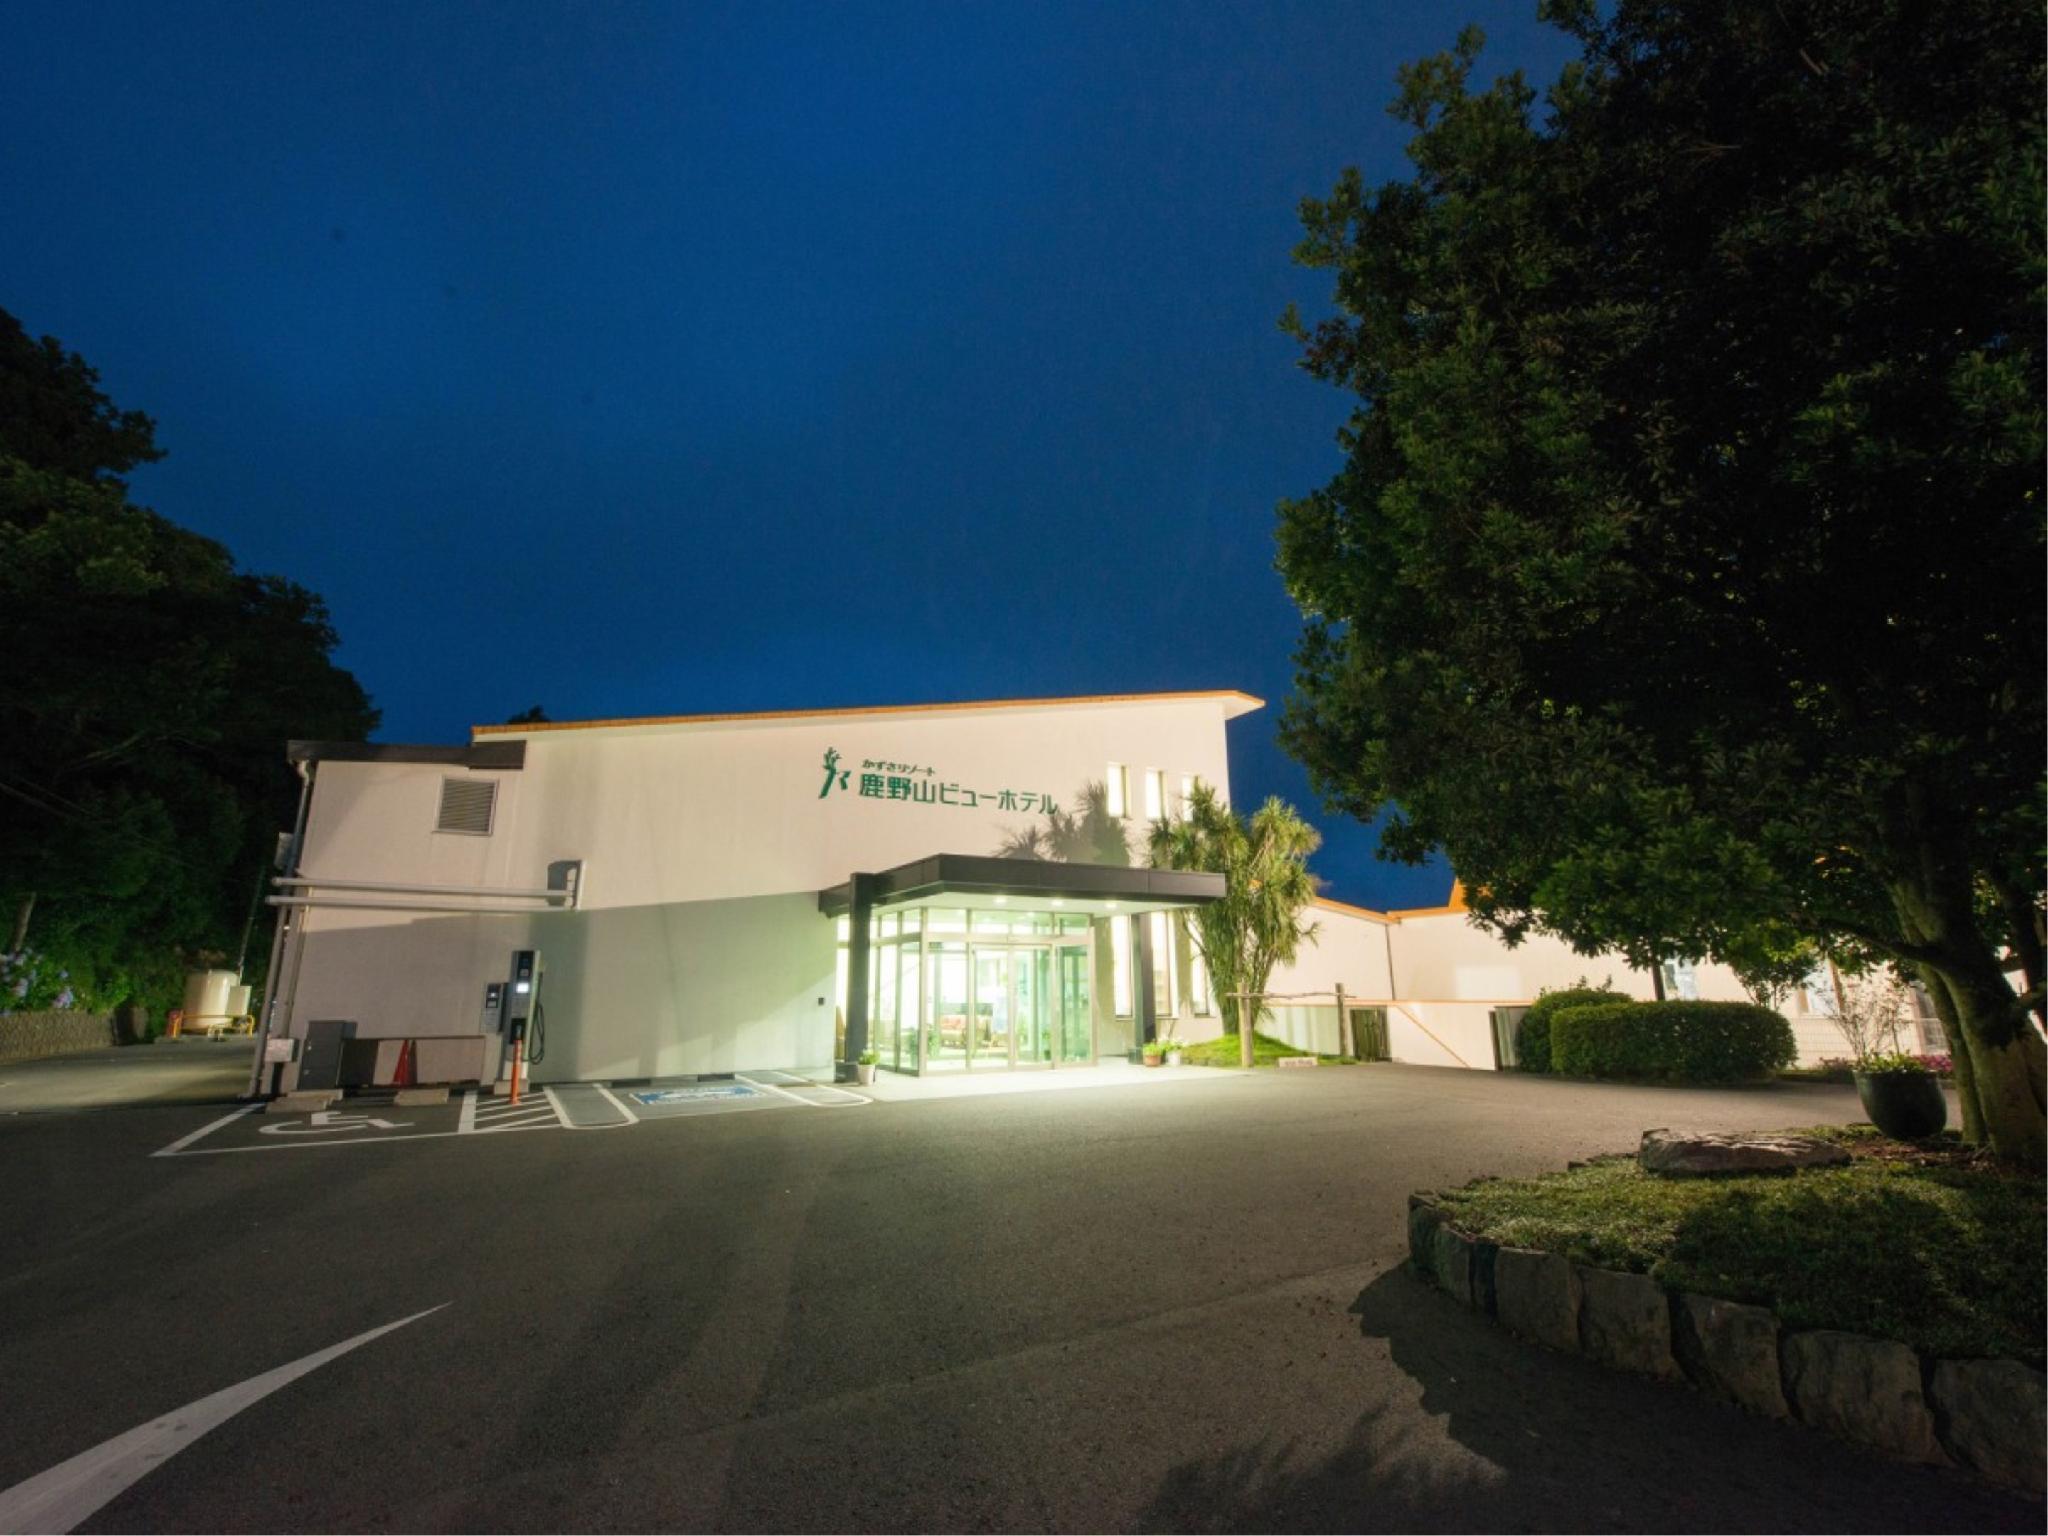 Kanozan View Hotel